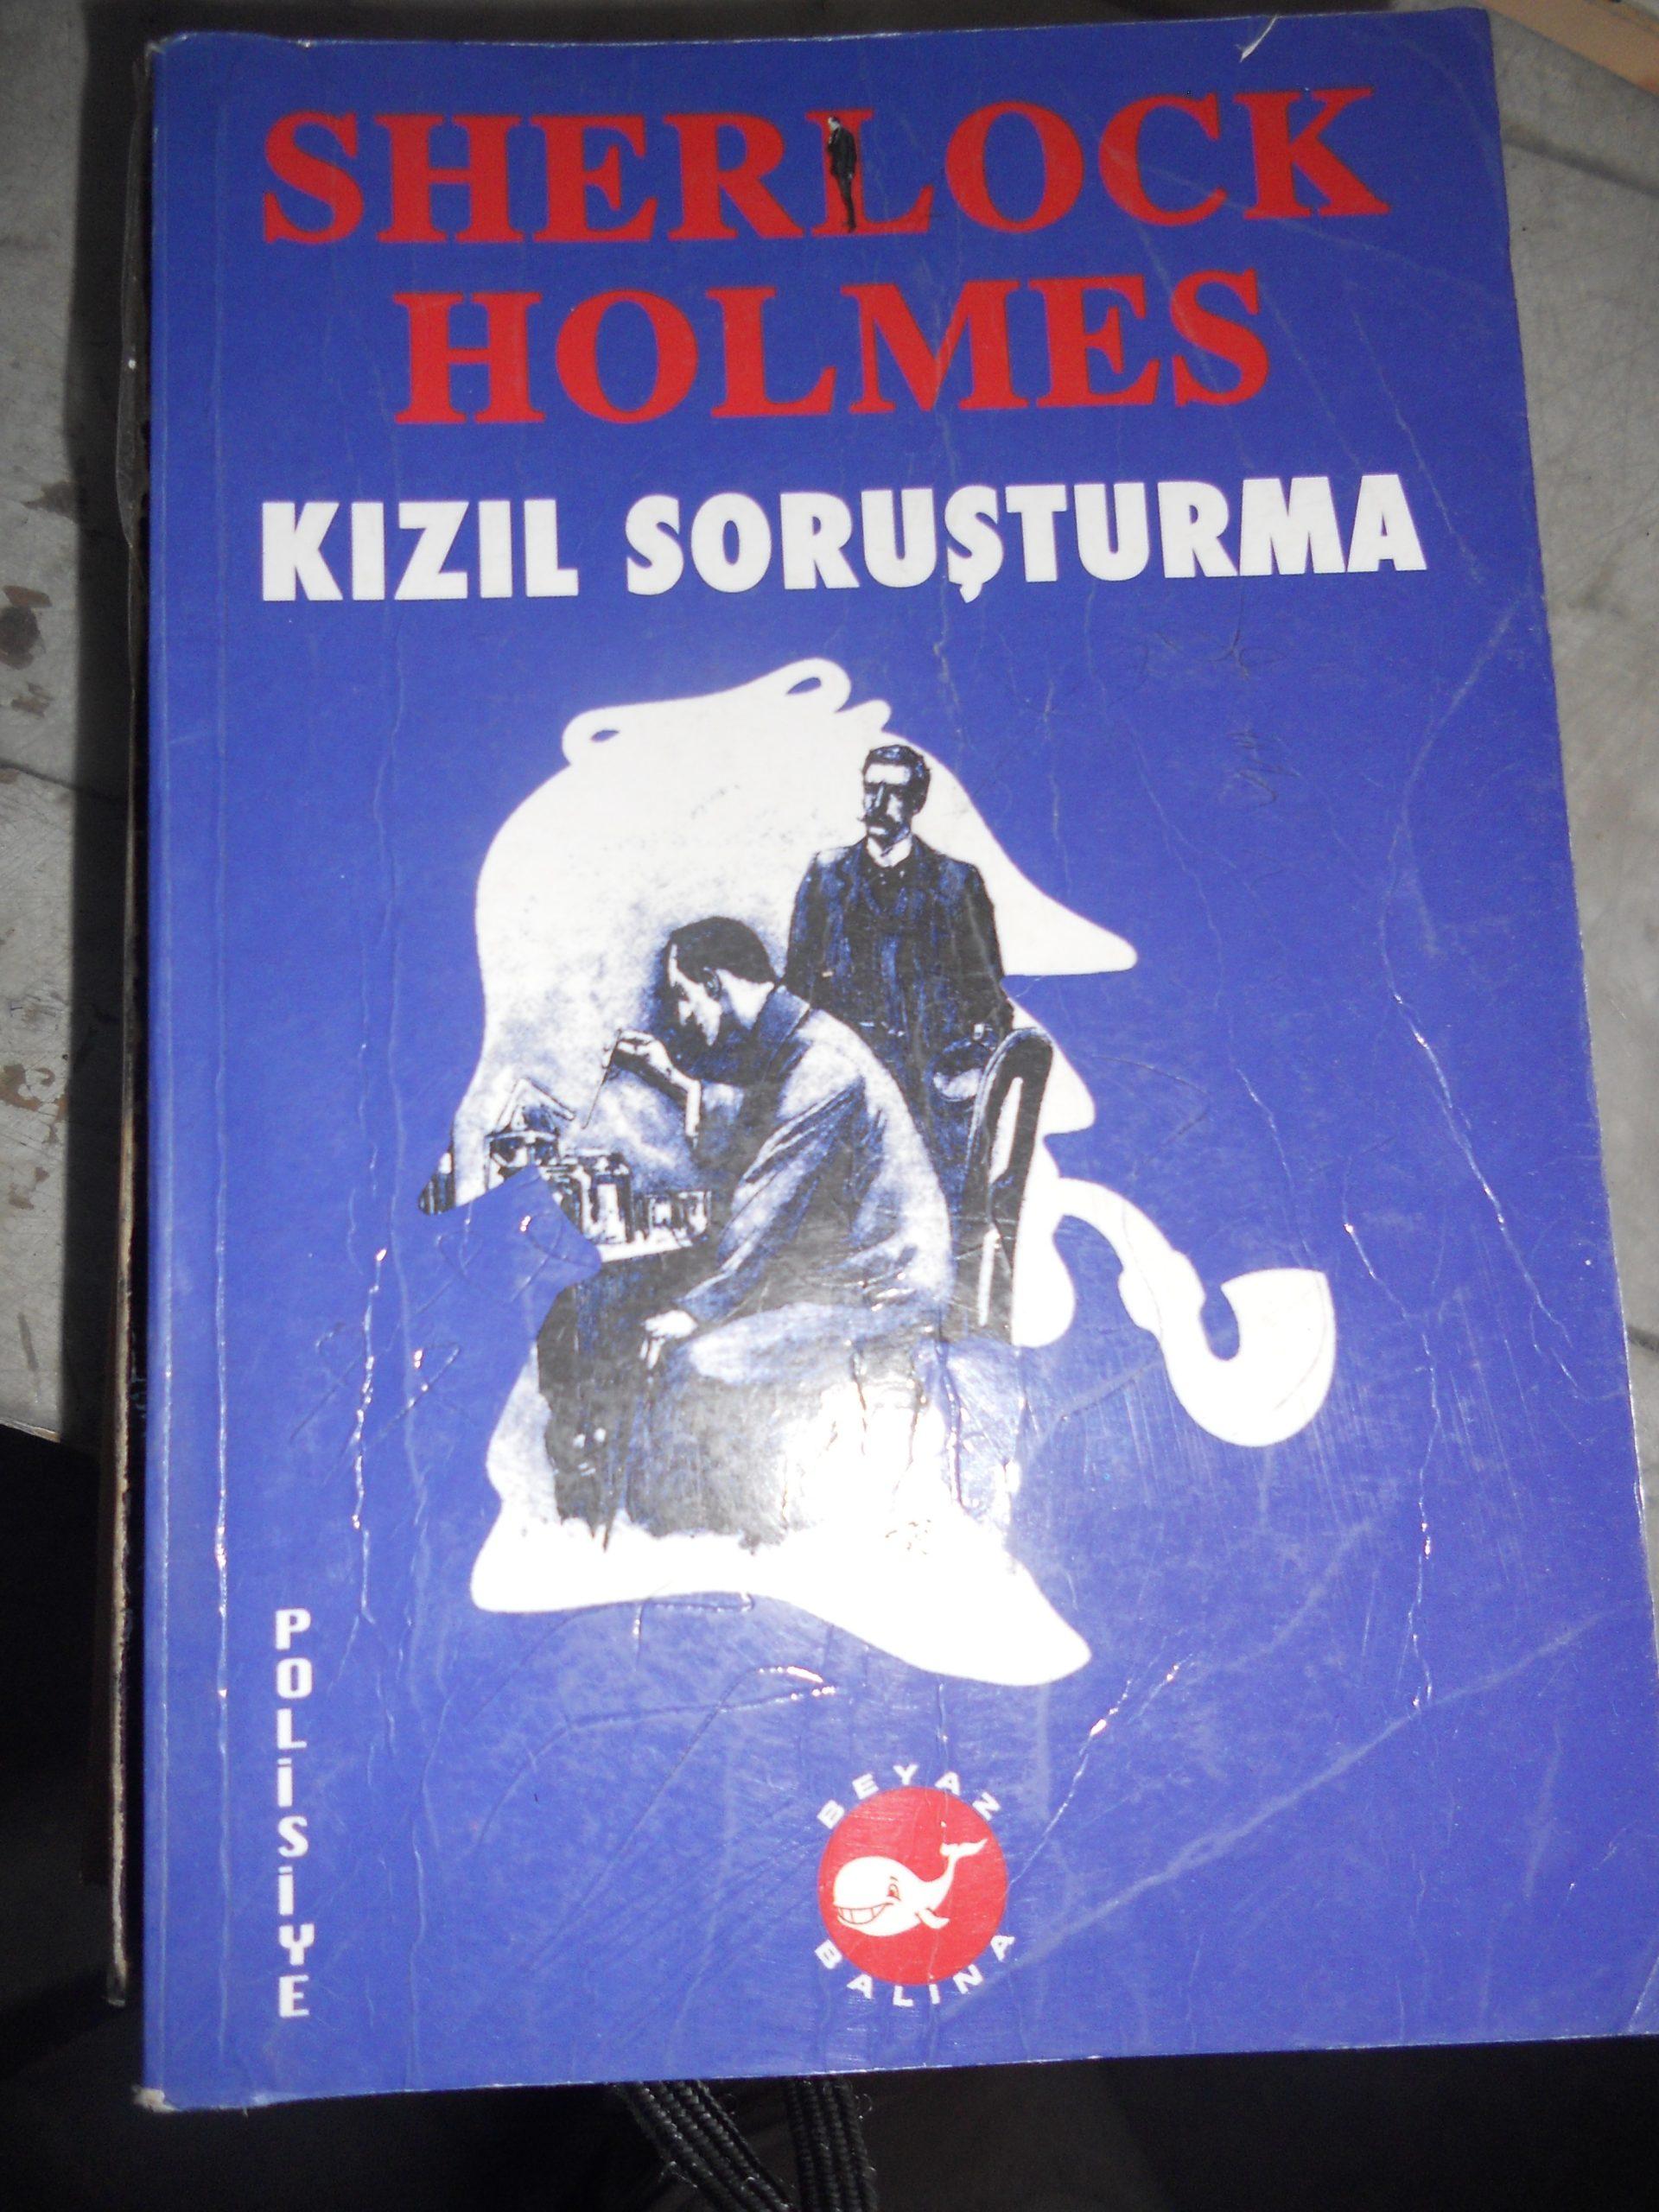 KIZIL SORUŞTURMA/Sherlock HOLMES/10 TL